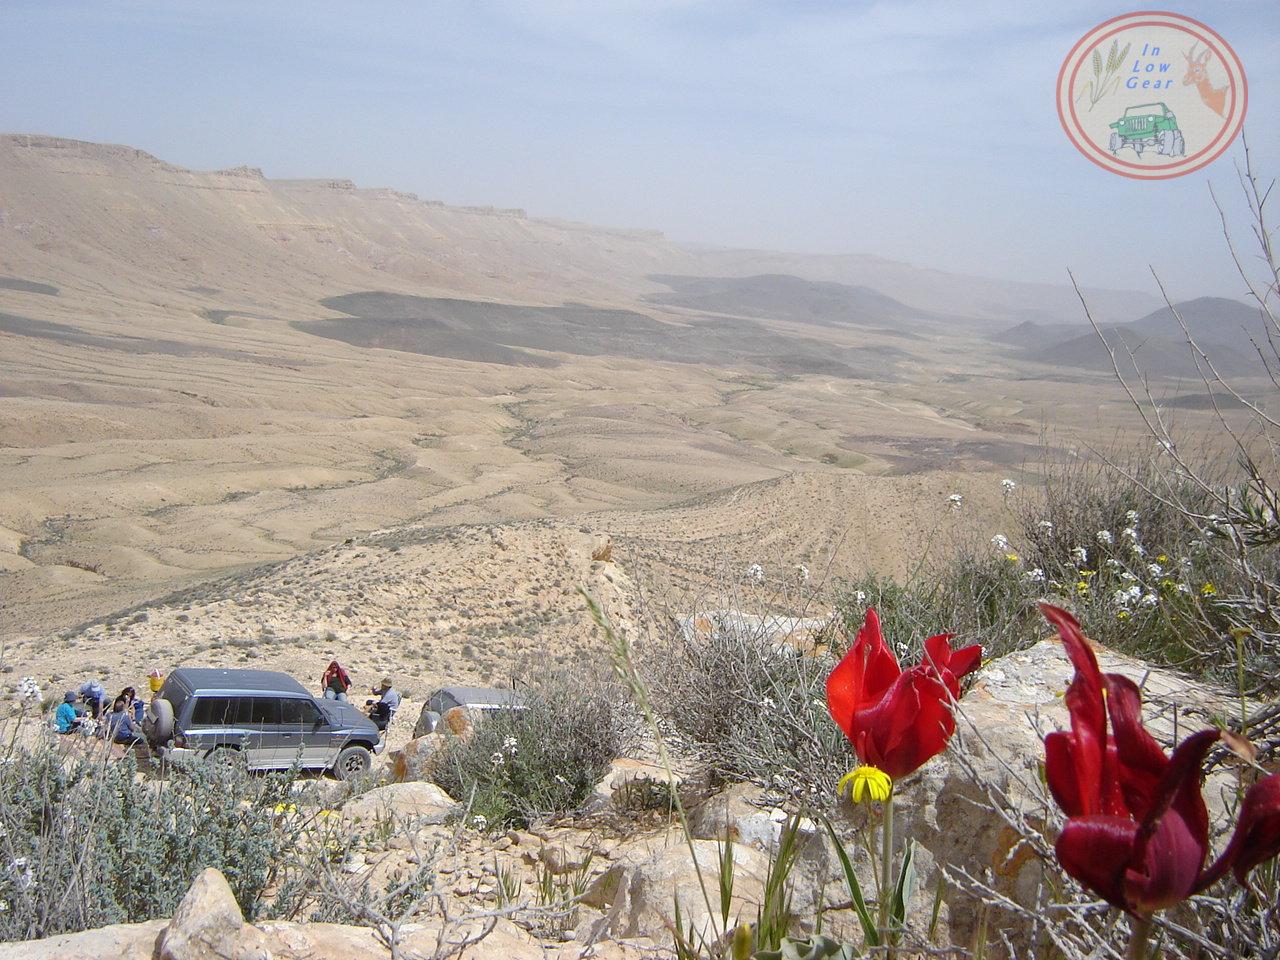 Ma'ale Arod Ramon jeep tours